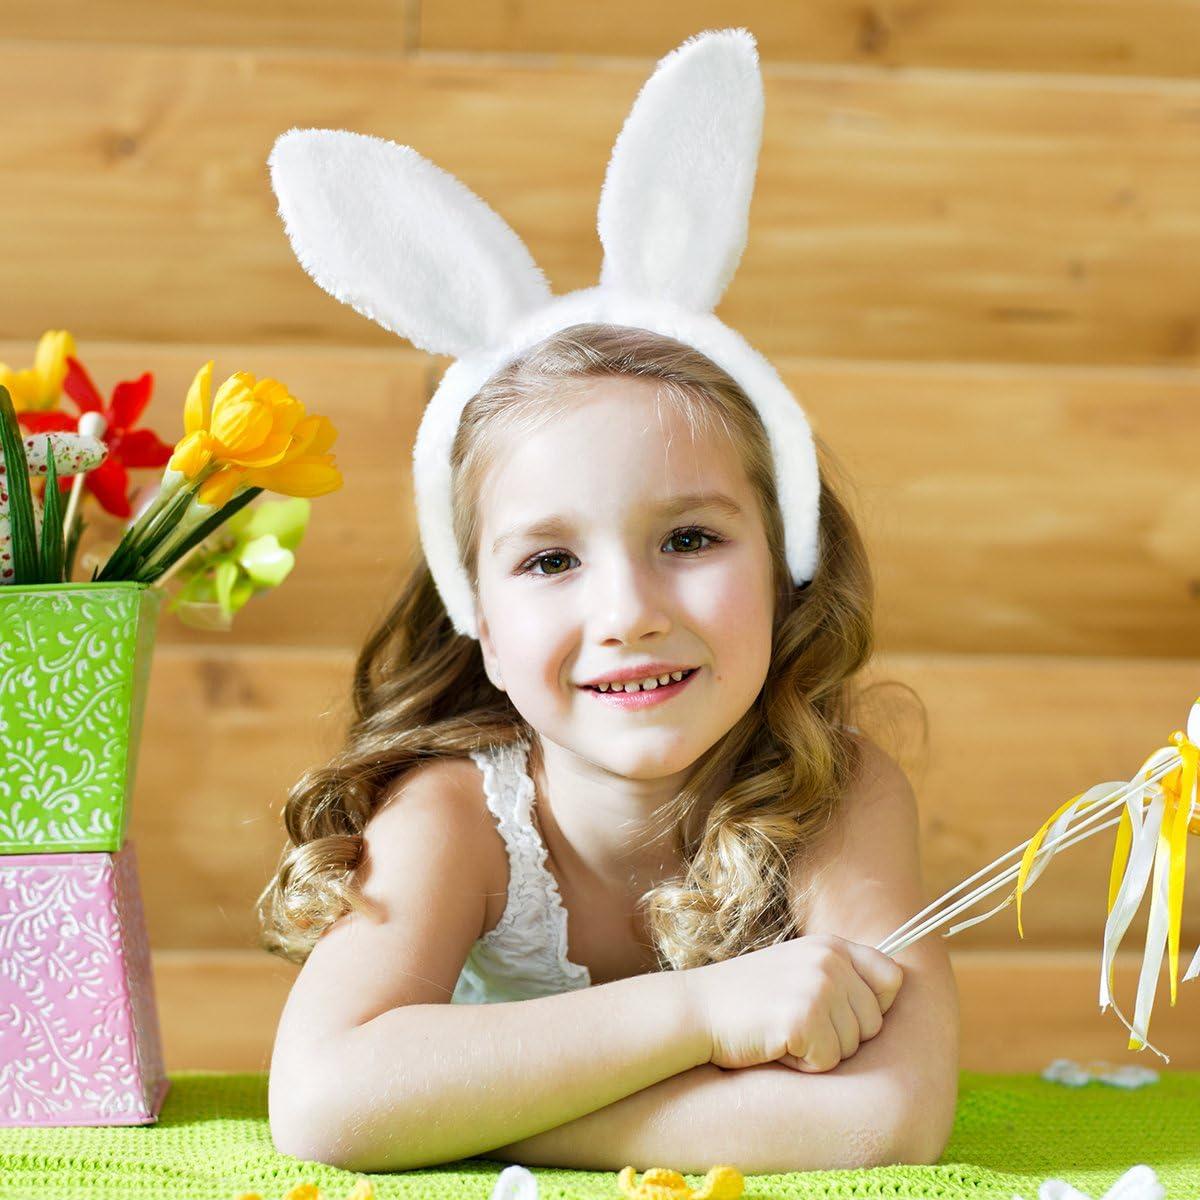 paquete de 3 Tinksky Bunny Cosplay Set accesorio de disfraz de conejo Cute Ears diadema cola pajarita para disfraz de fiesta Cosplay blanco